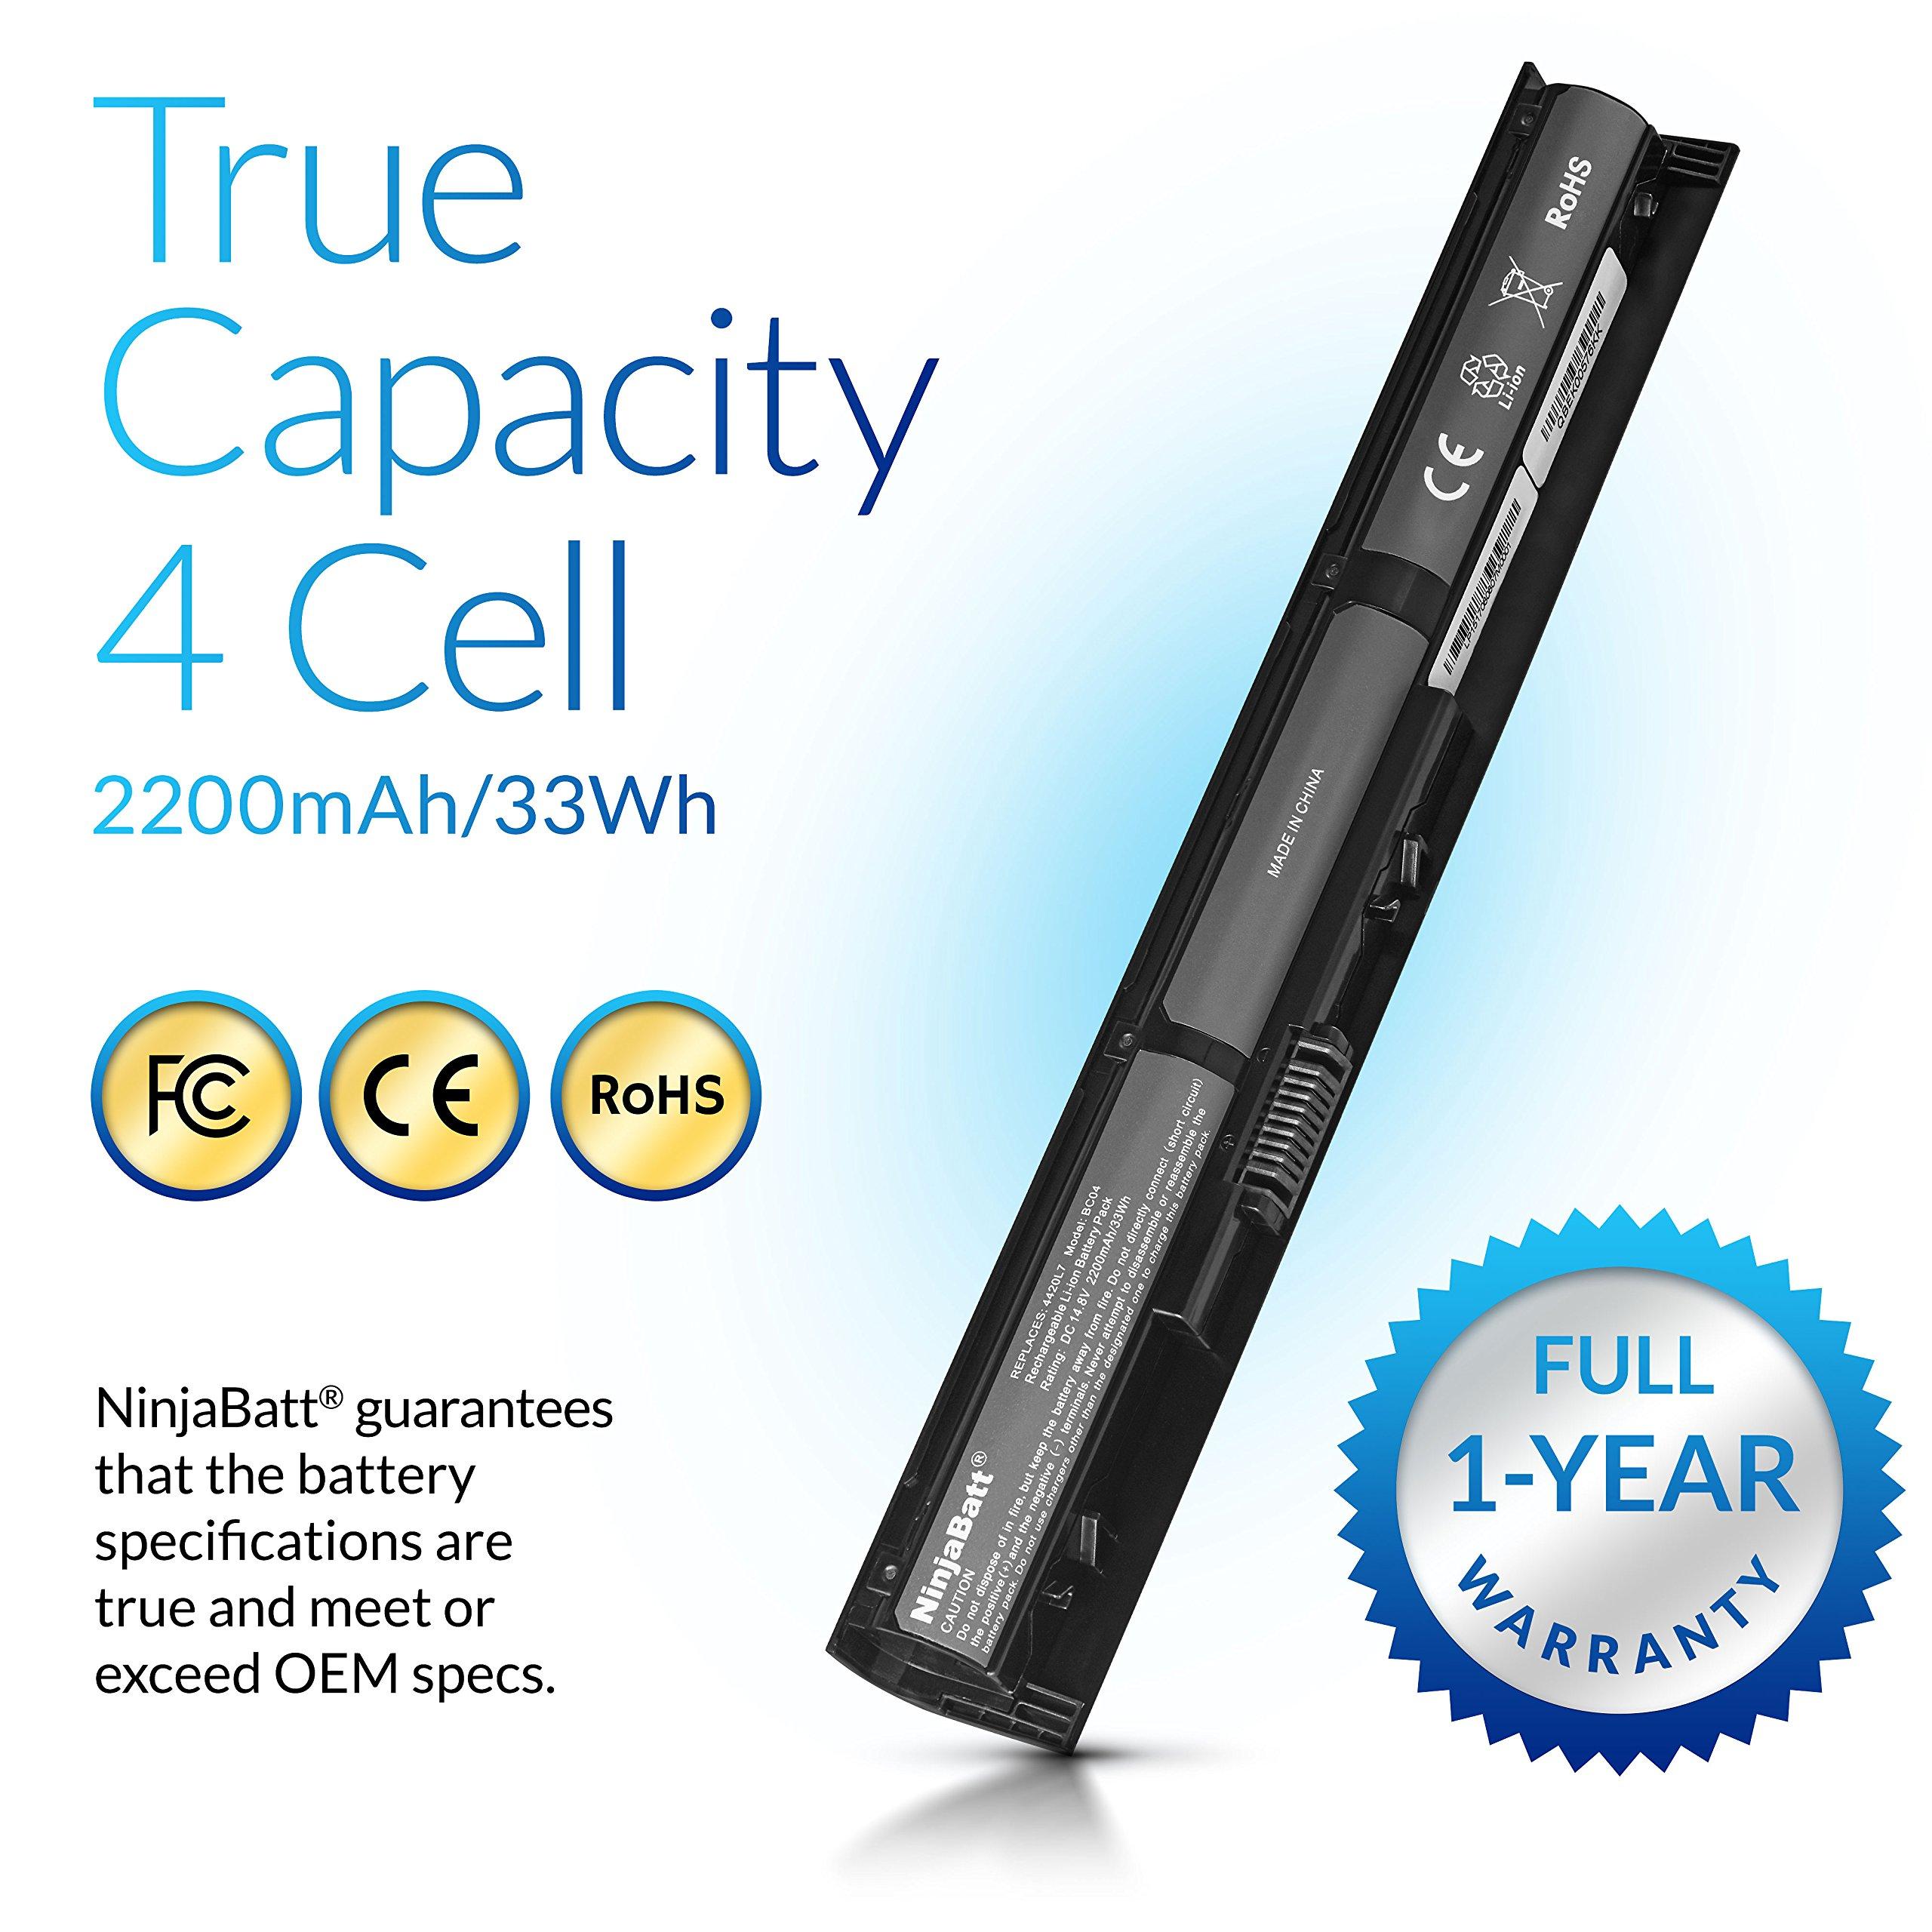 NinjaBatt Laptop Battery for HP VI04 756743-001 756745-001 756744-001 756478-851 ProBook 440 G2 450 G2 756478-421 756478-421 756478-422 756479-421 HSTNN-LB6I Envy 14 15 17 - [4 Cells/2200mAh] by NinjaBatt (Image #4)